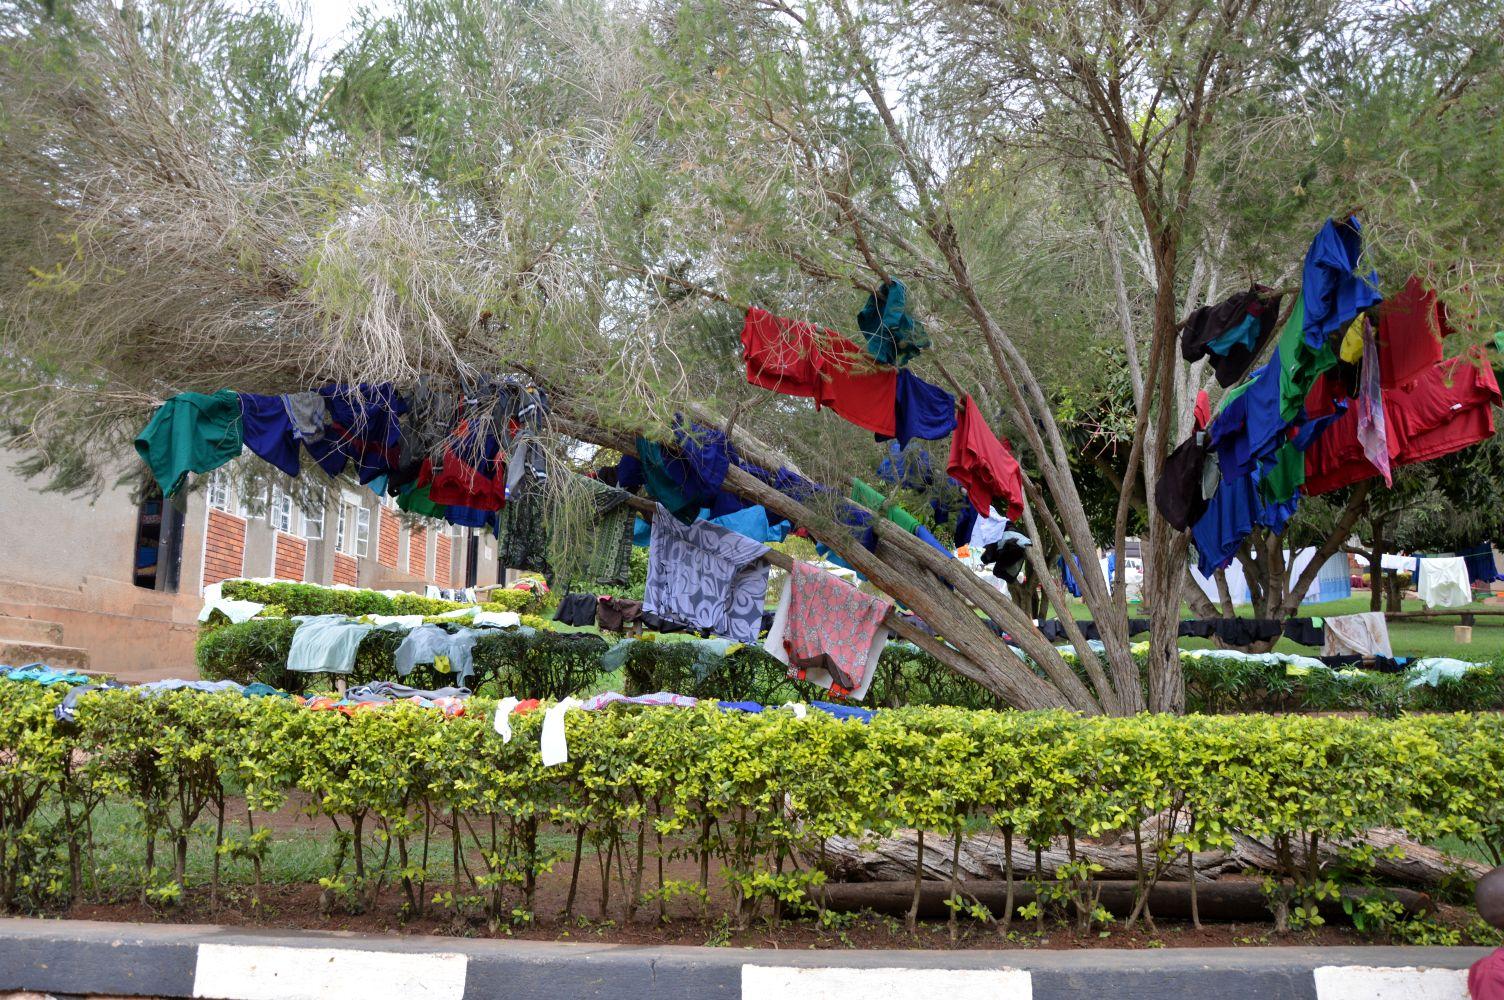 Wäscheständer oder eher Wäschebaum